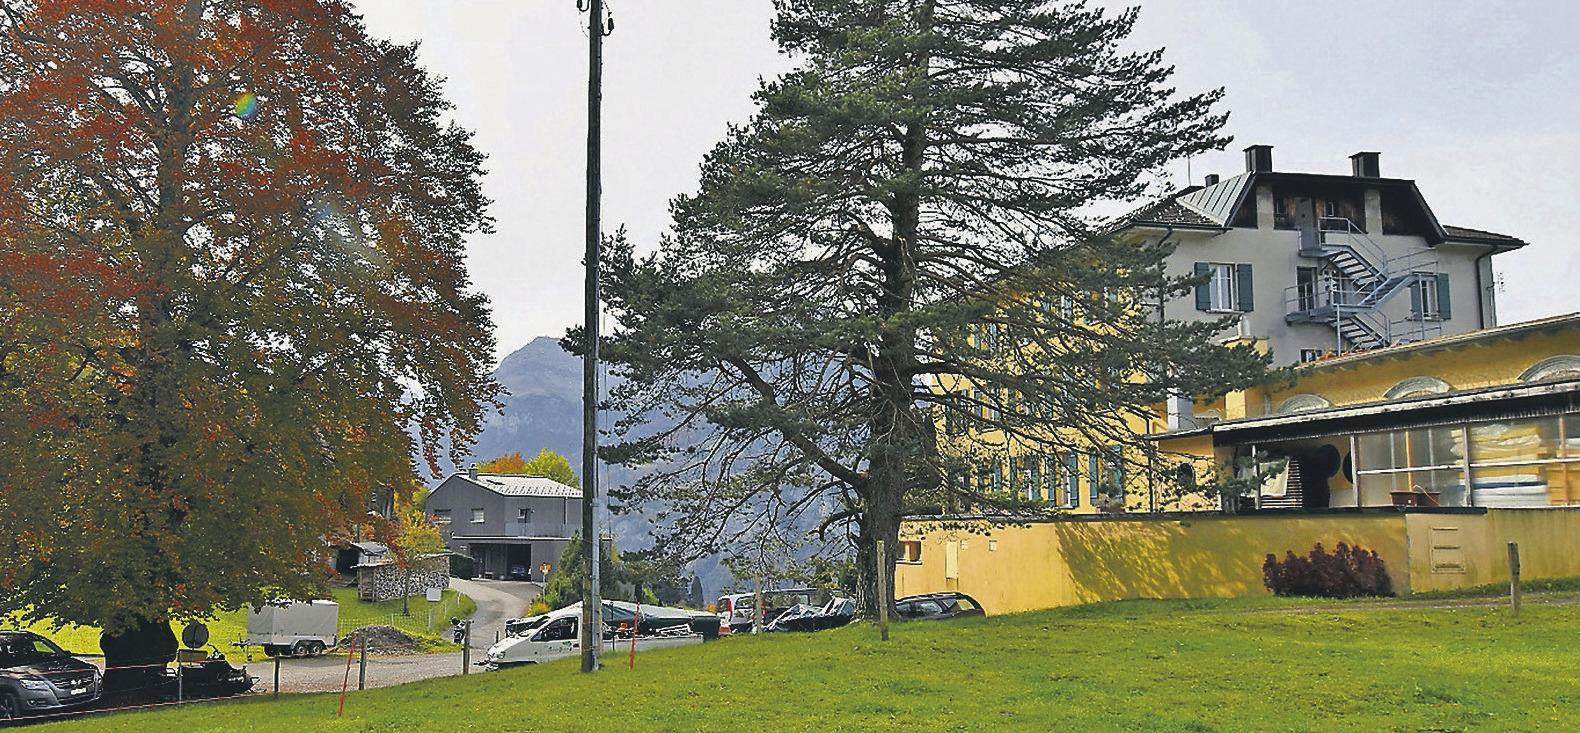 Kanton will Asylzentrum für 6,7 Millionen Franken kaufen